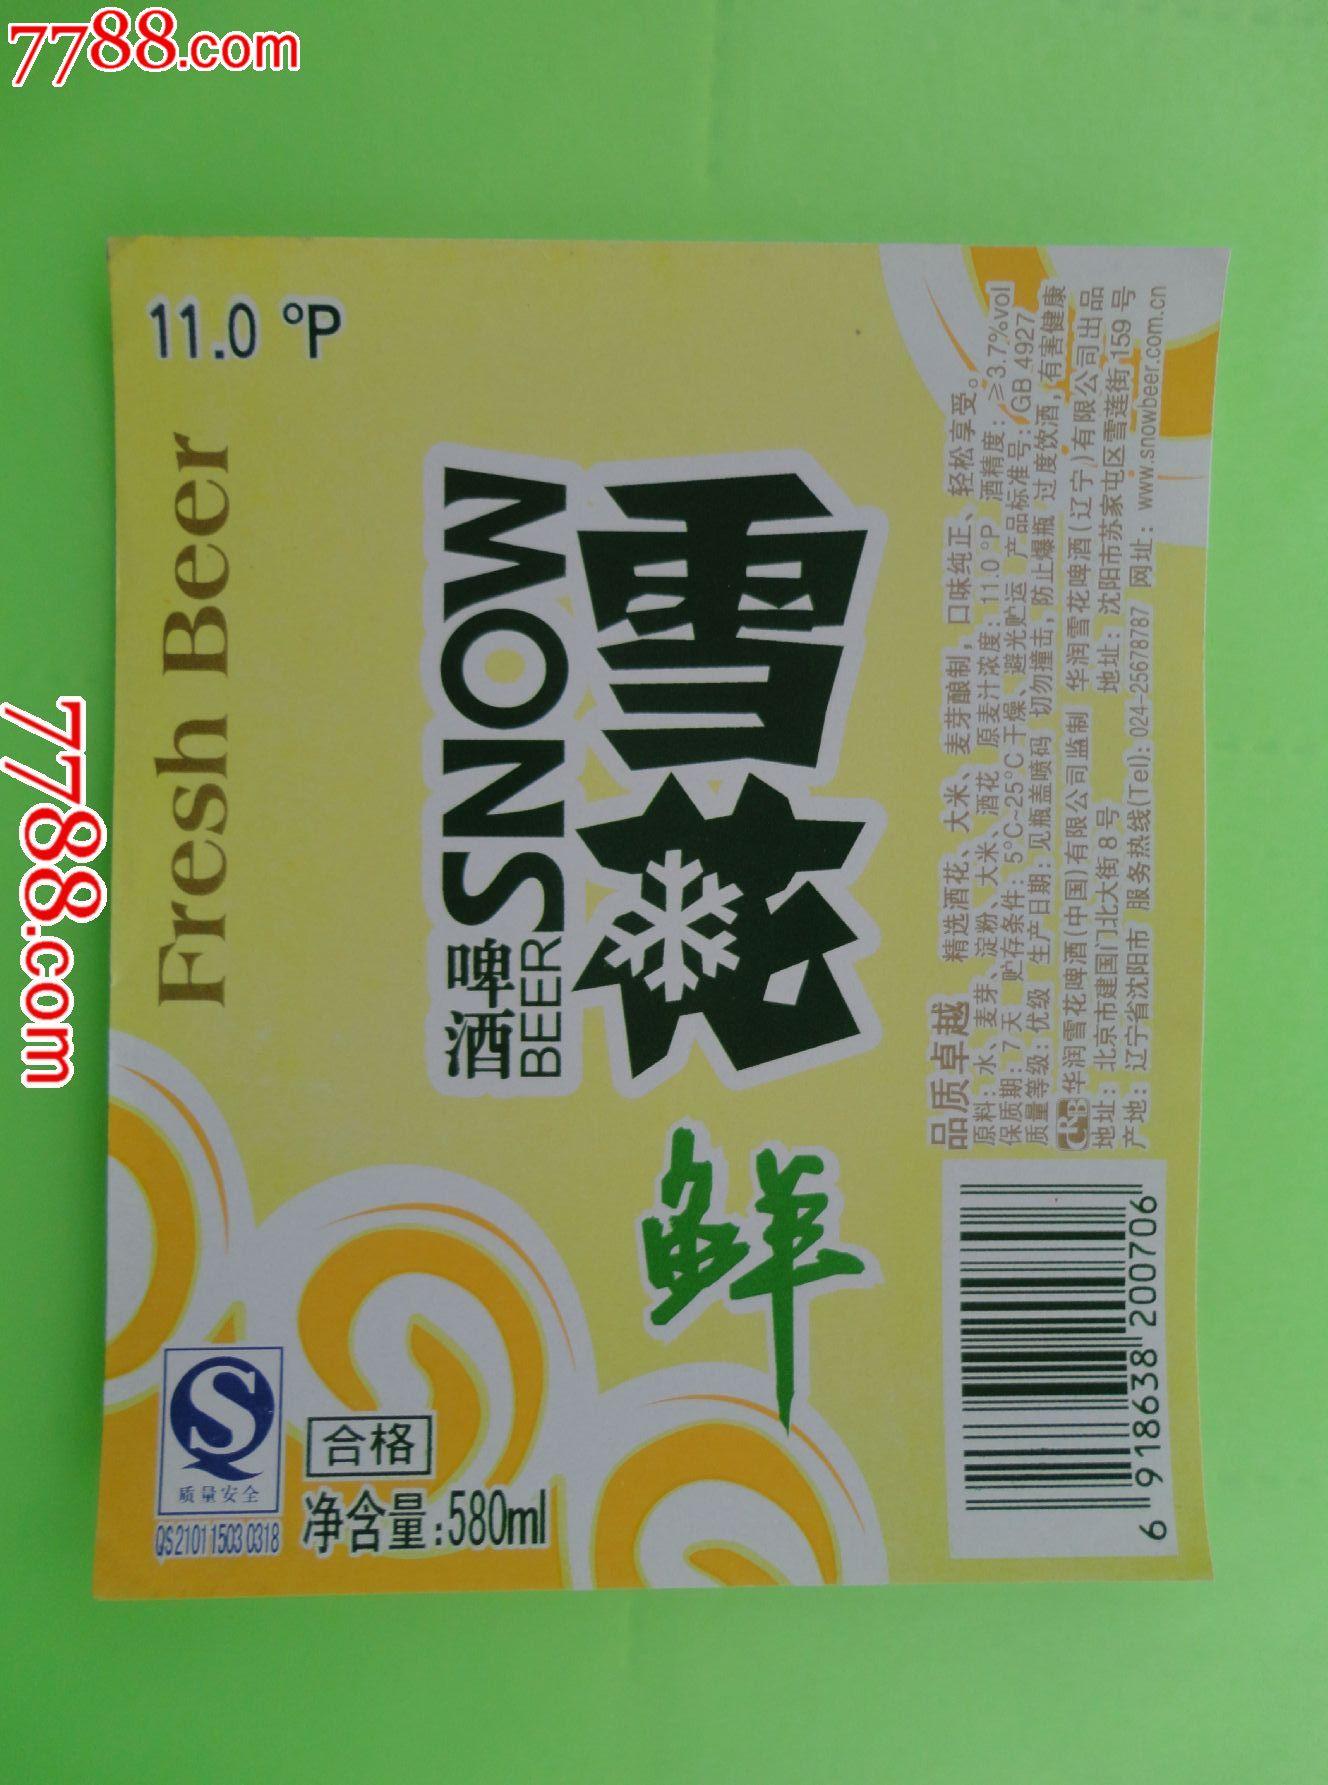 北京青岛袋装鲜啤